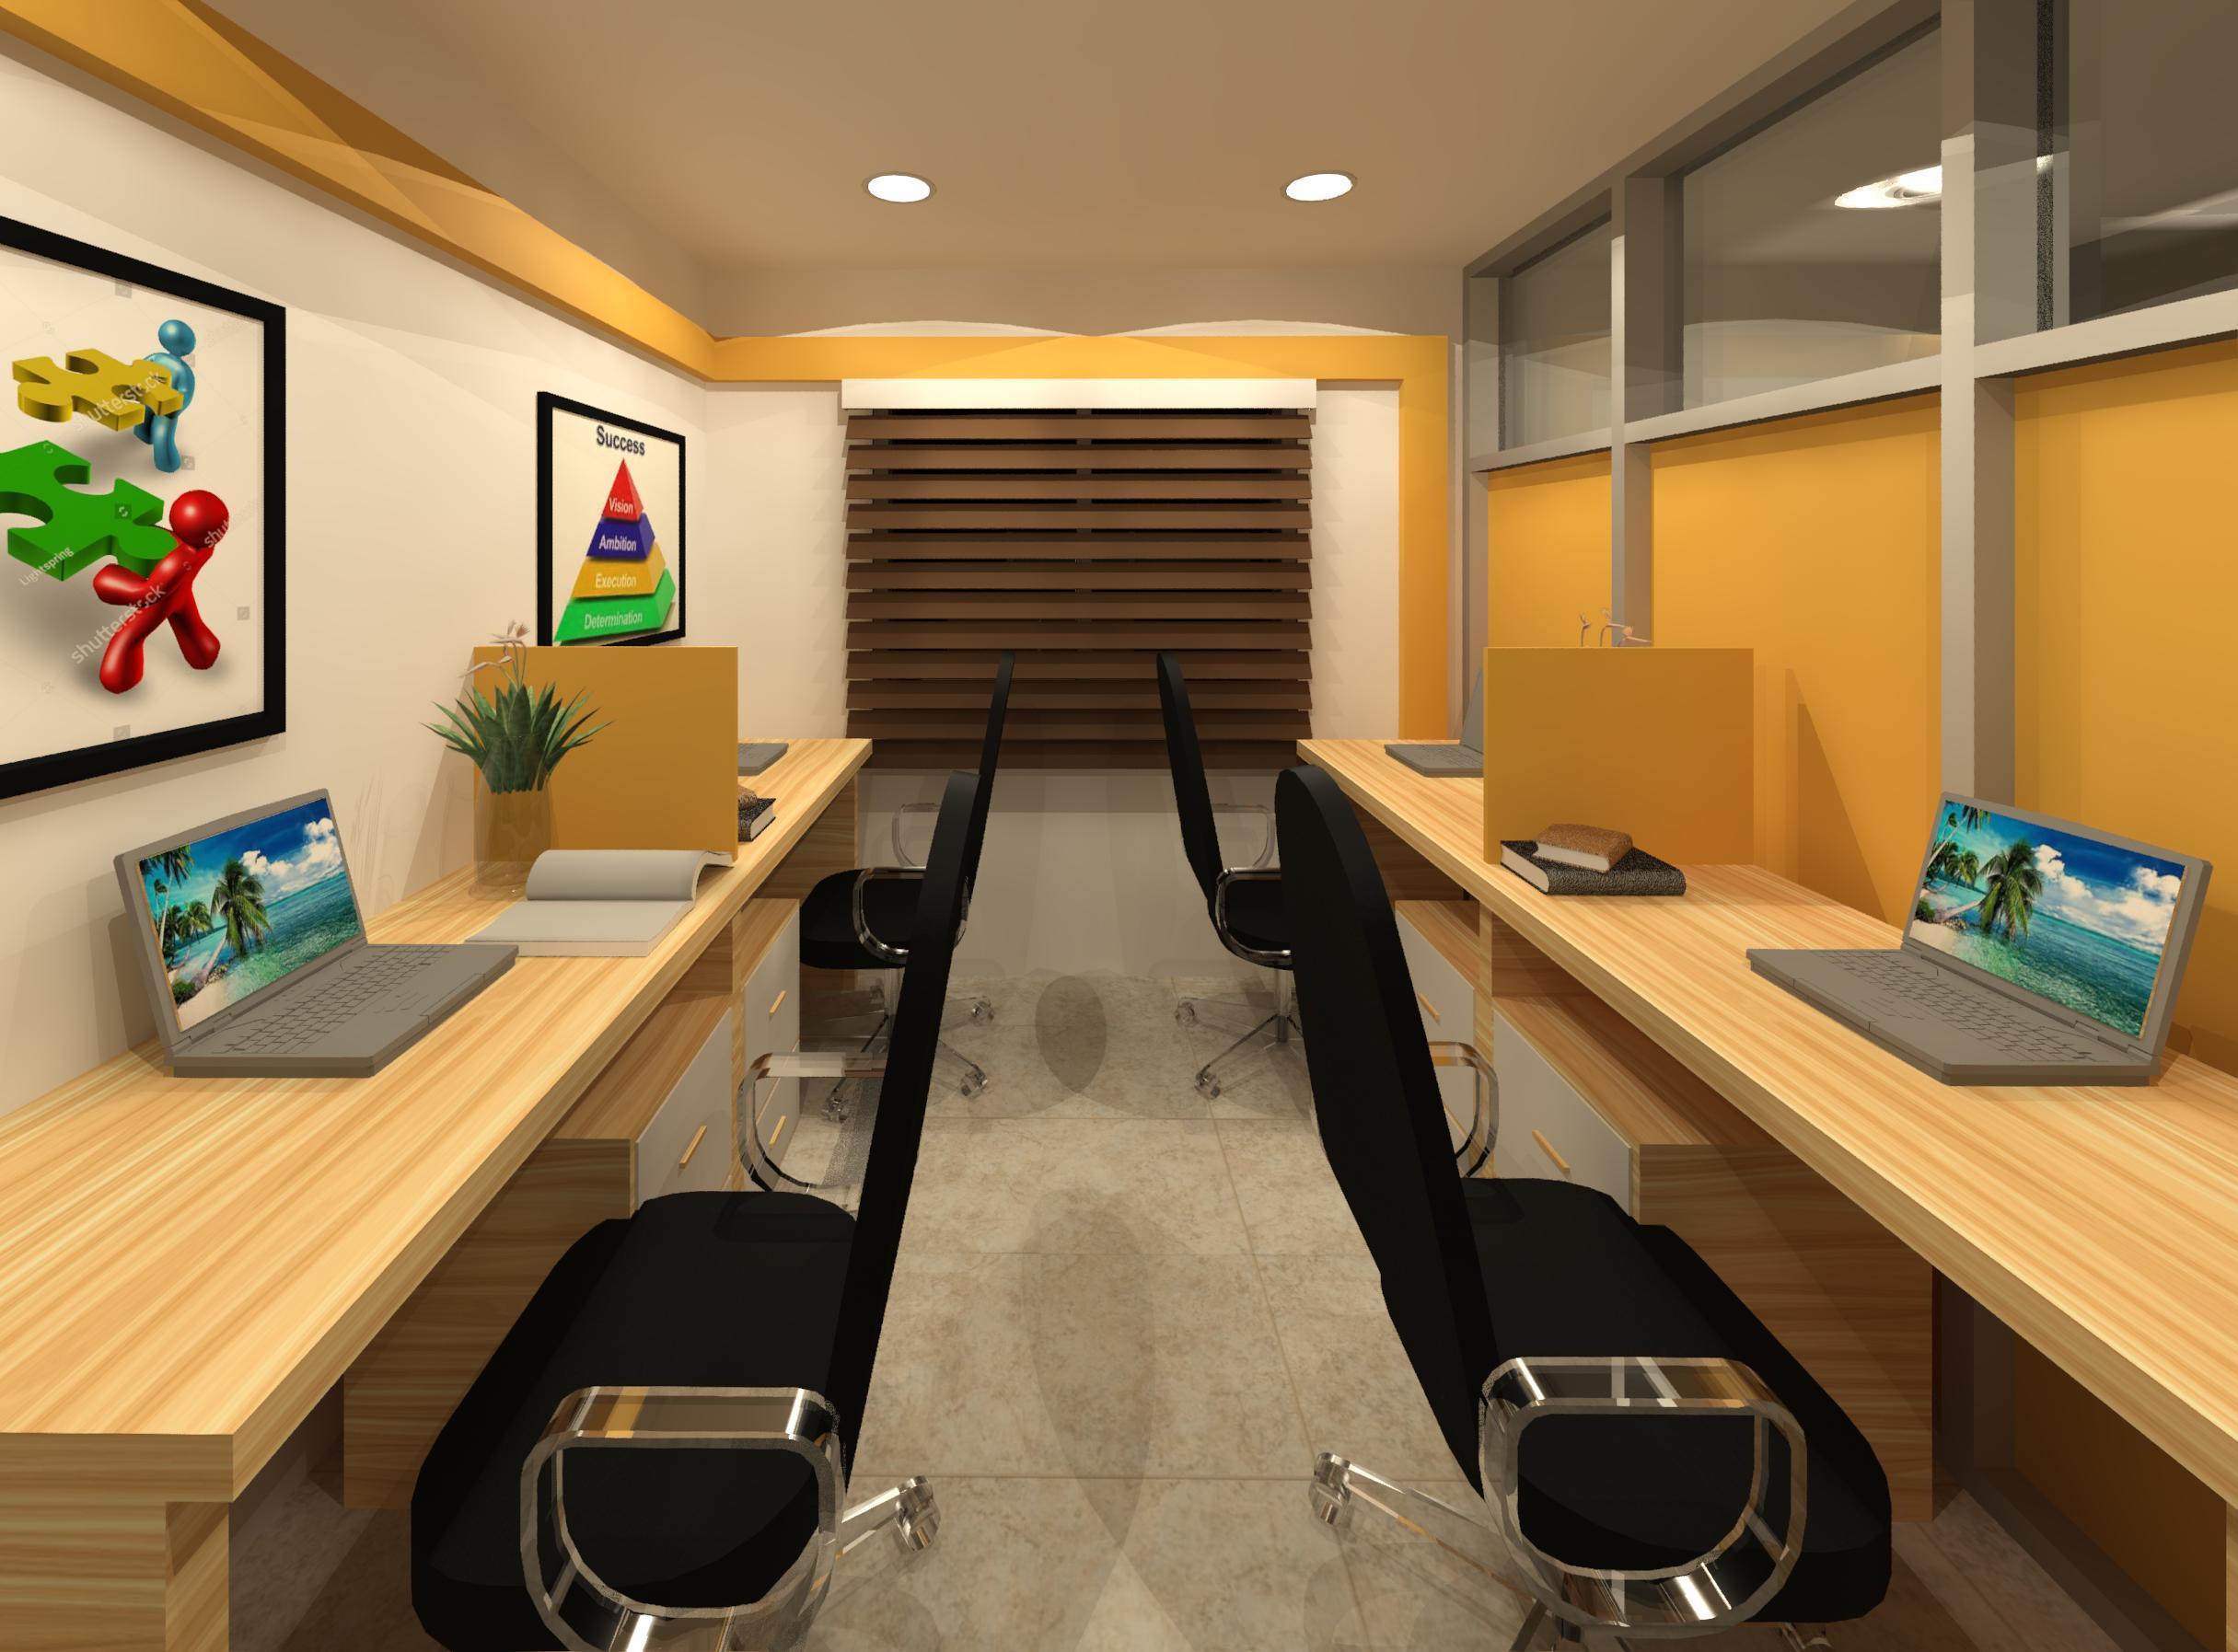 Hiring a Professional Interior designer